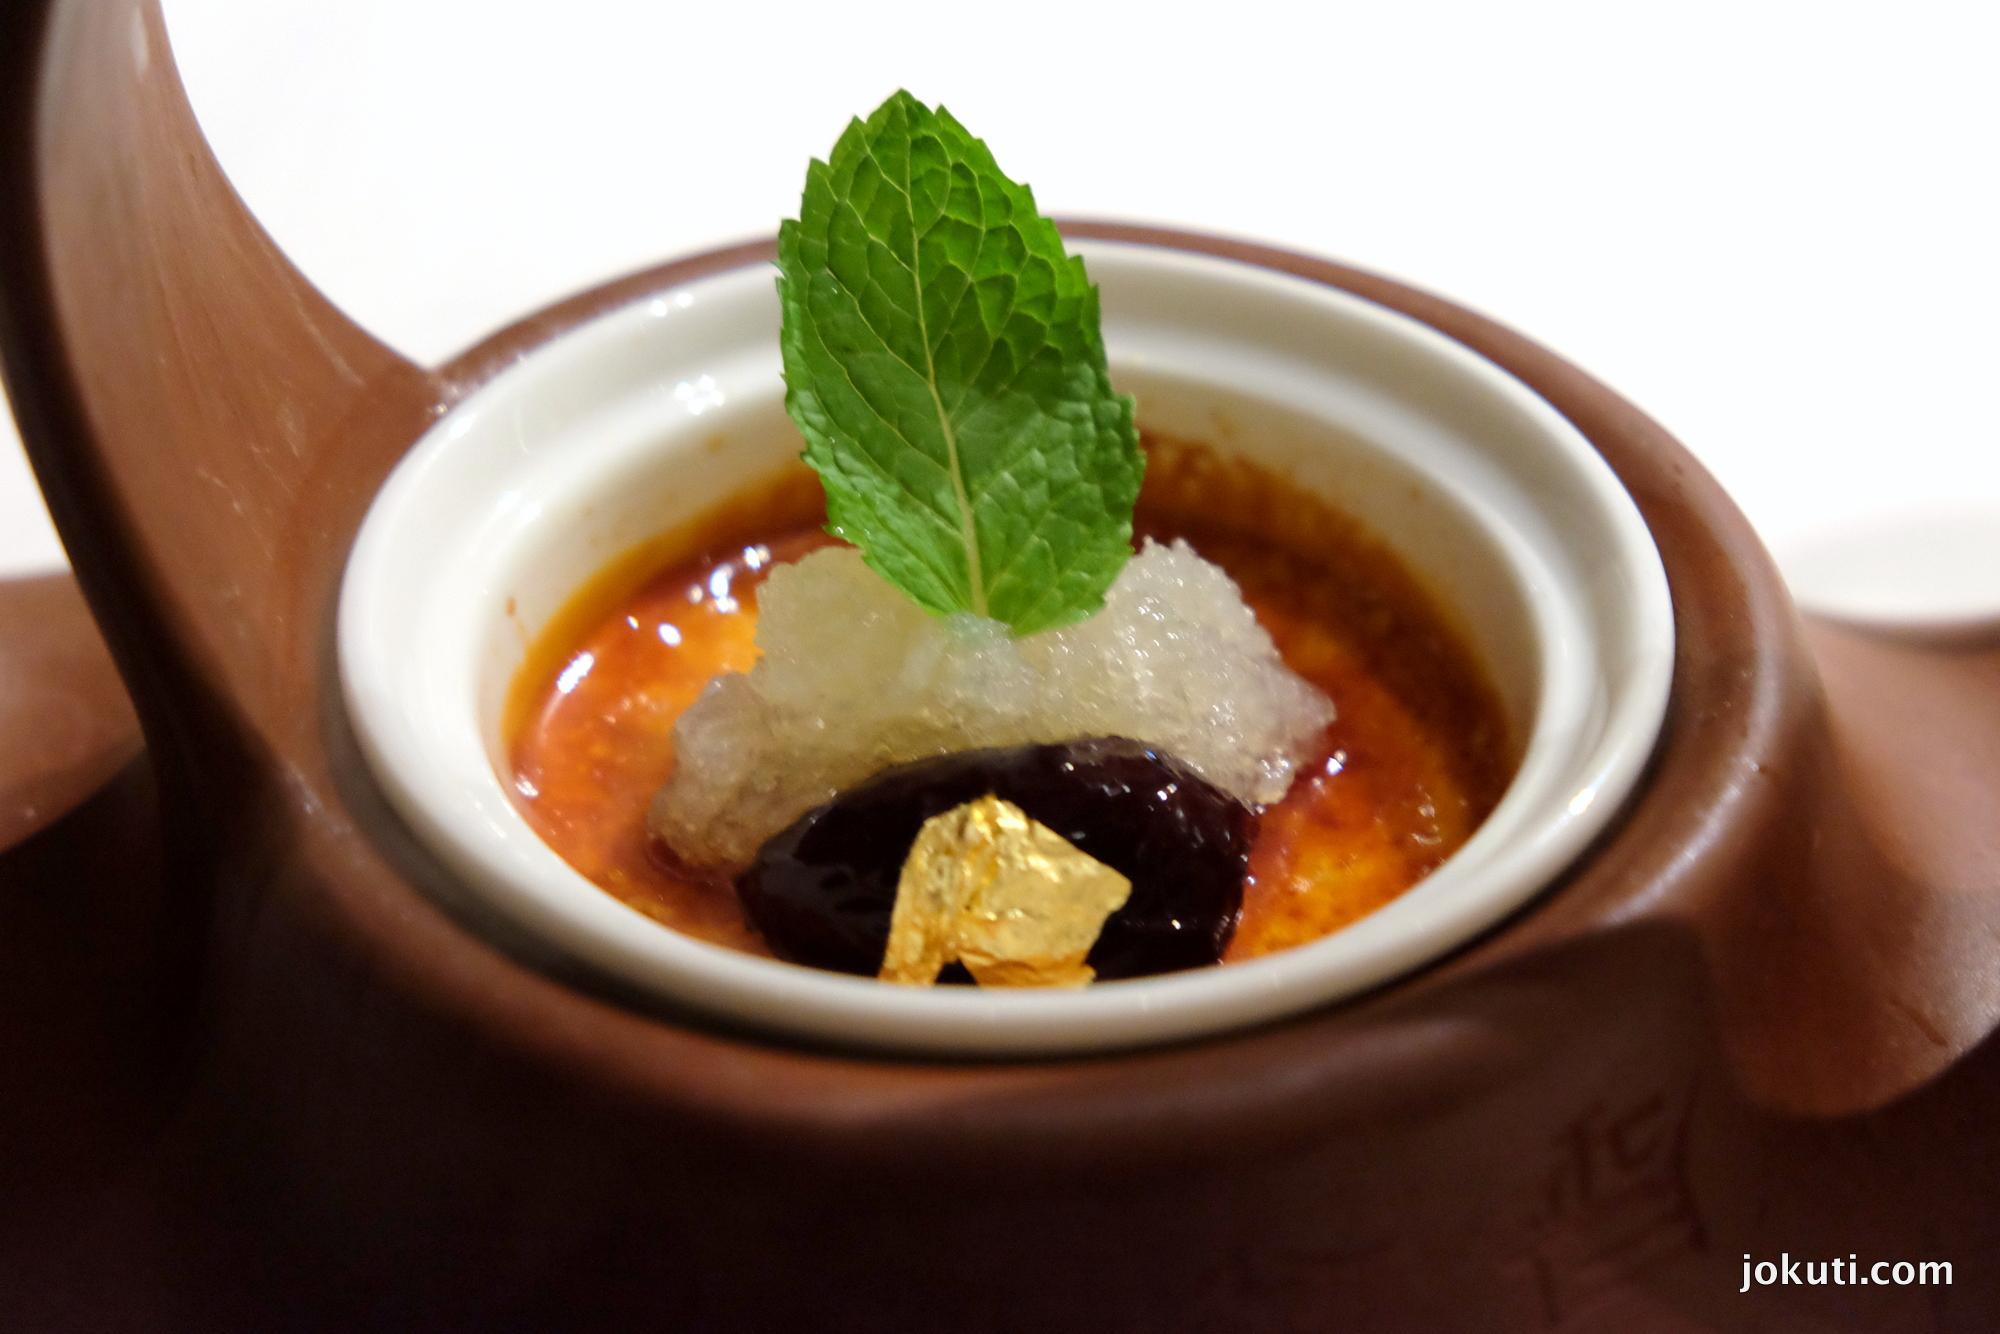 dscf6944_jade_dragon_restaurant_cantonese_chinese_michelin_macau_makao_china_kinai_vilagevo_jokuti.jpg